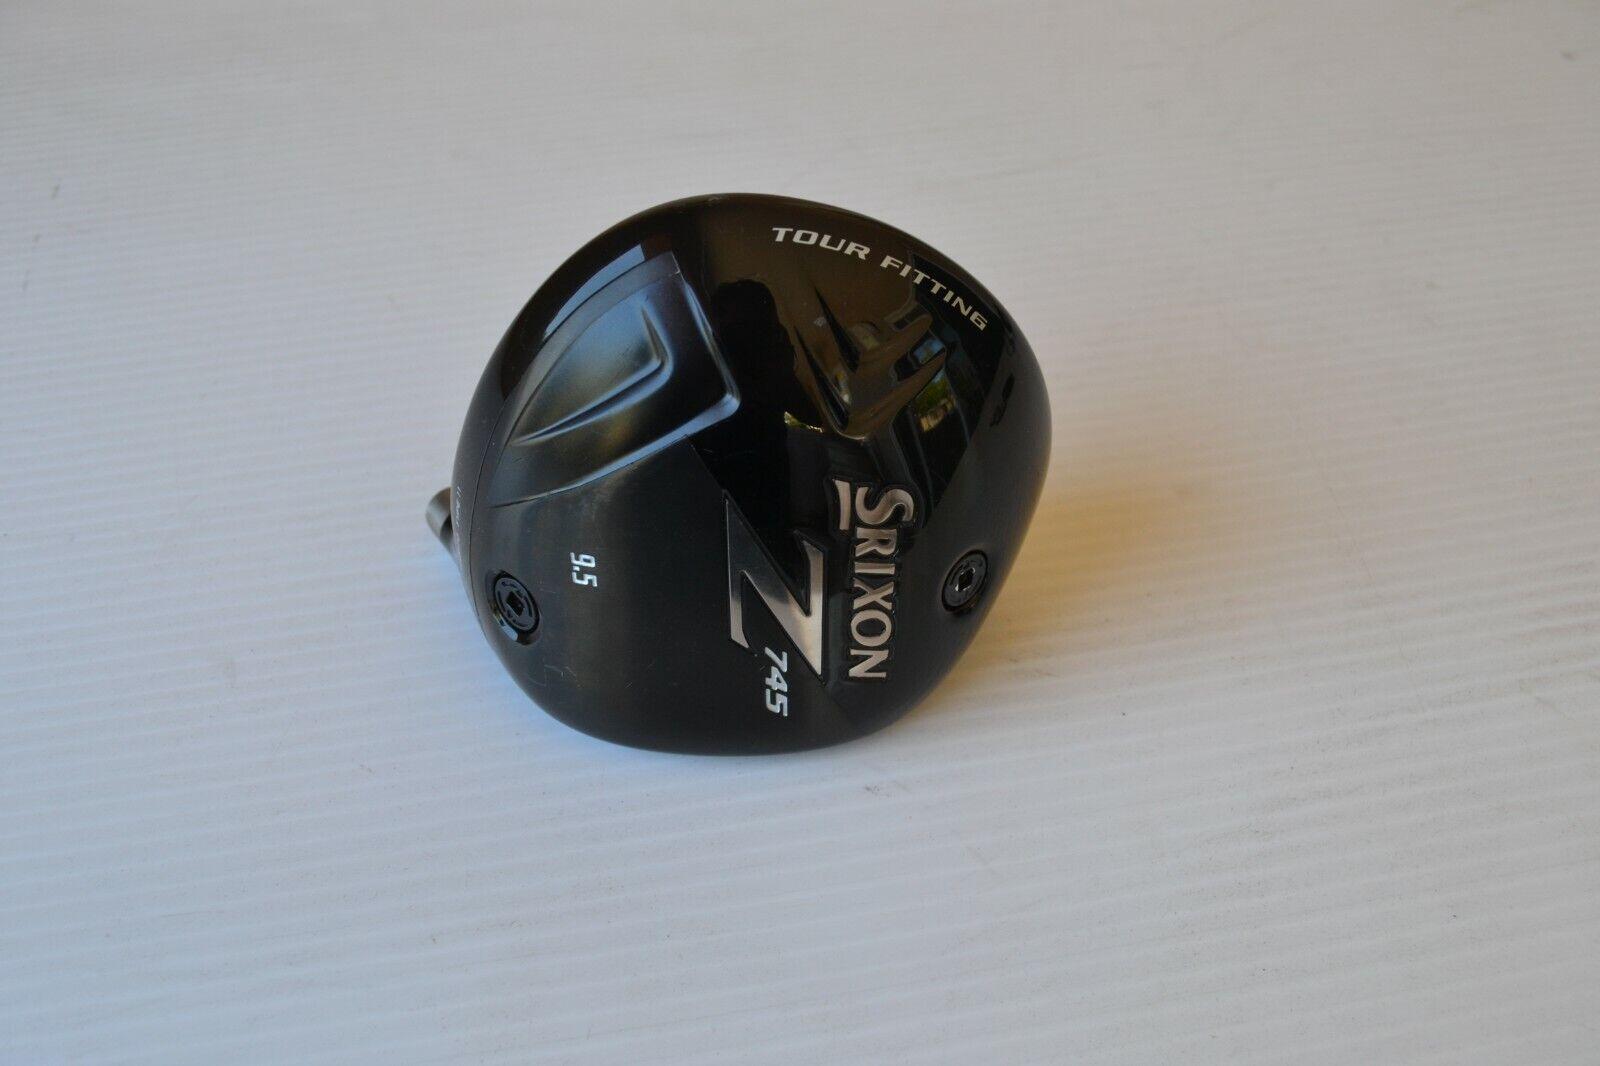 Tour  Issue Srixon Z745 9.5 ° cabeza de controlador de montaje projootipo 11 Tour 7888  todos los bienes son especiales